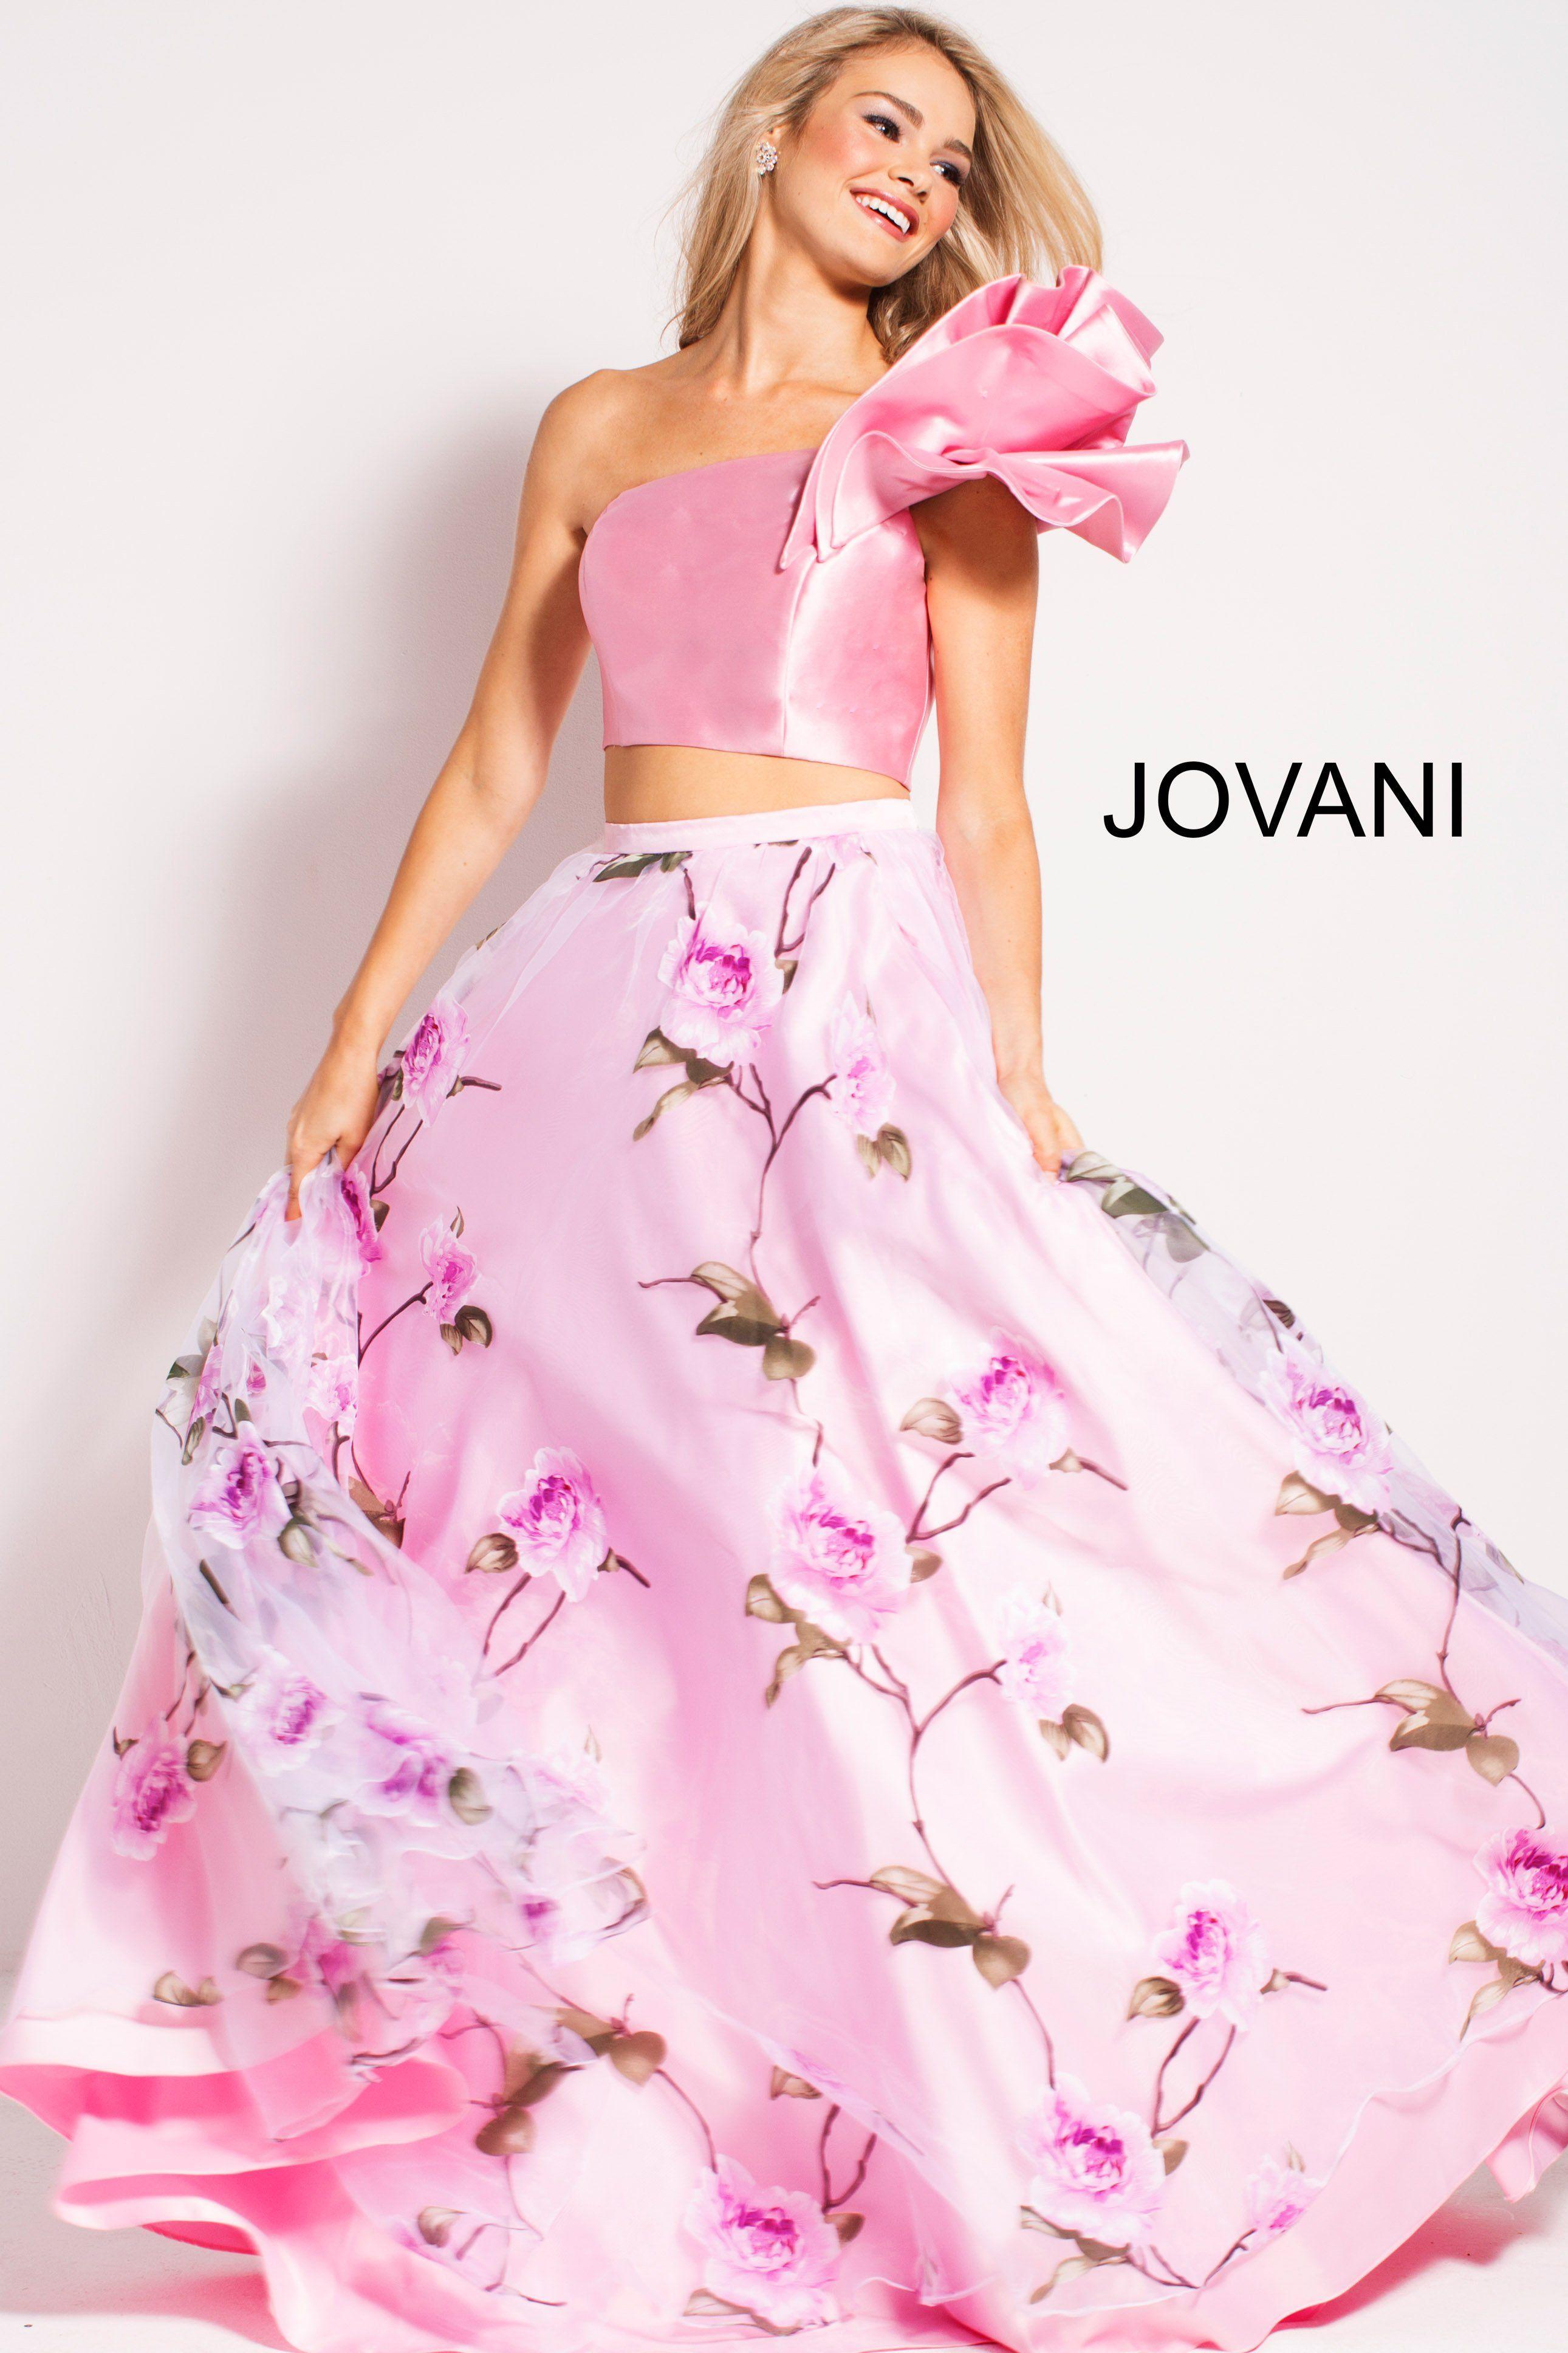 Encantador Vestido De Fiesta Jovani Embellecimiento - Colección de ...